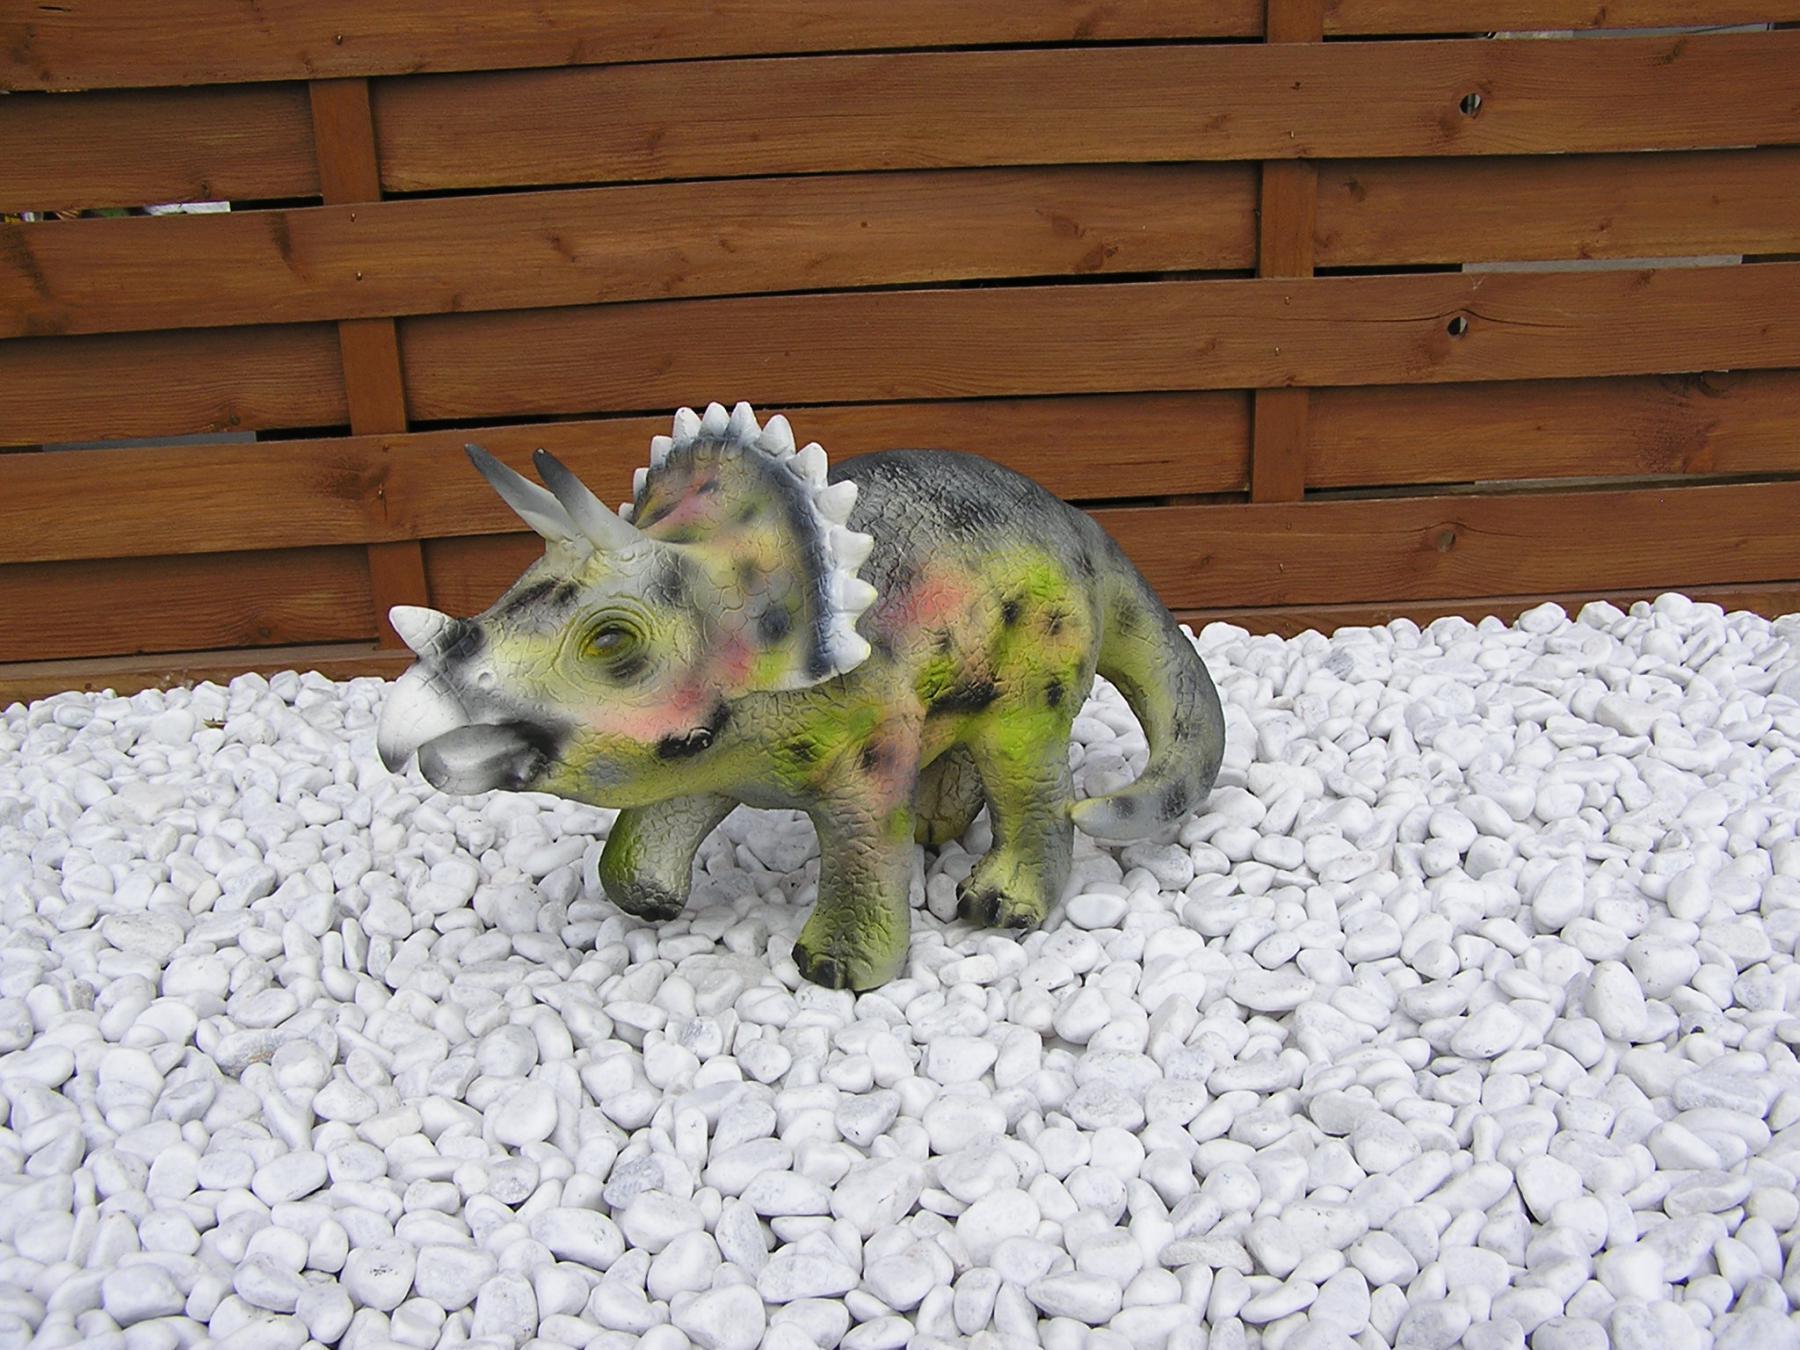 Dinosaurier Dreihorn Dekofigur Aufstellfigur Deko bei Dreihorn Dinosaurier